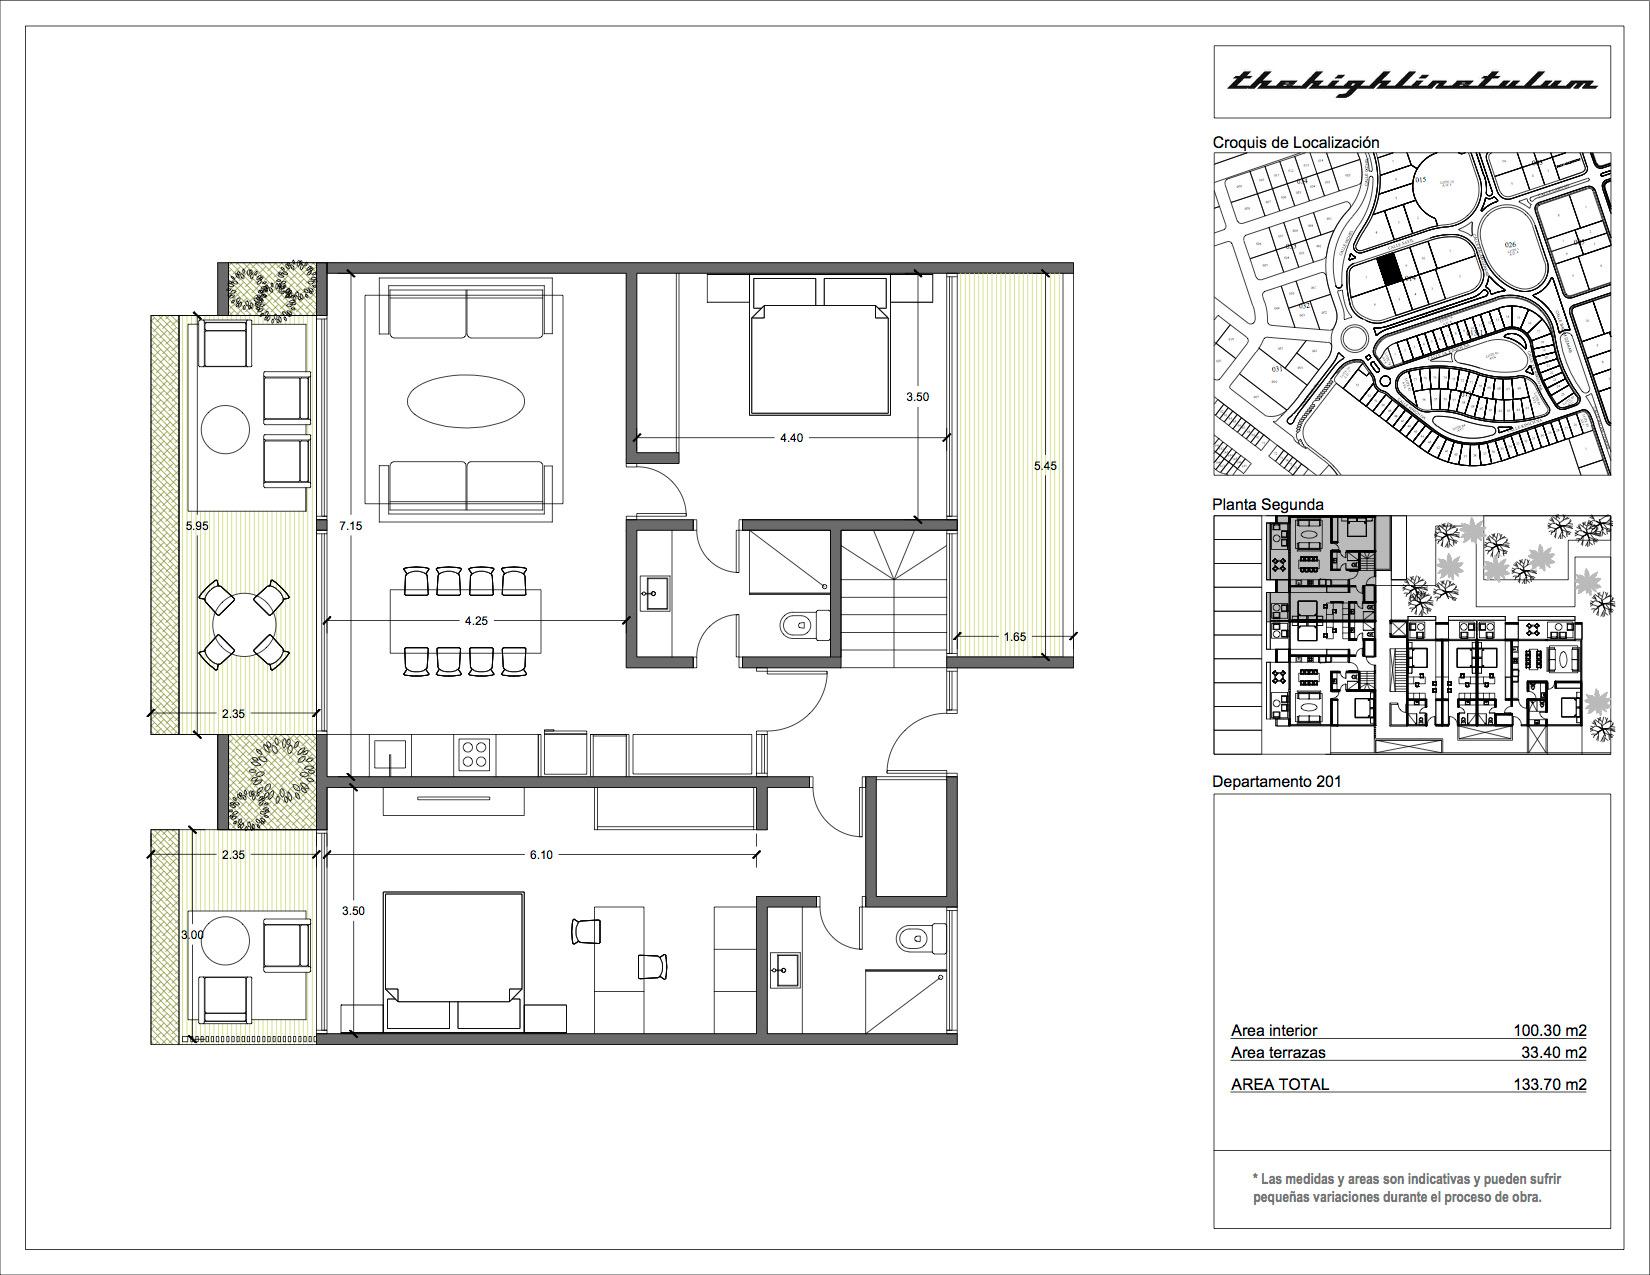 301 1 Bedroom + 1 Studio.jpg